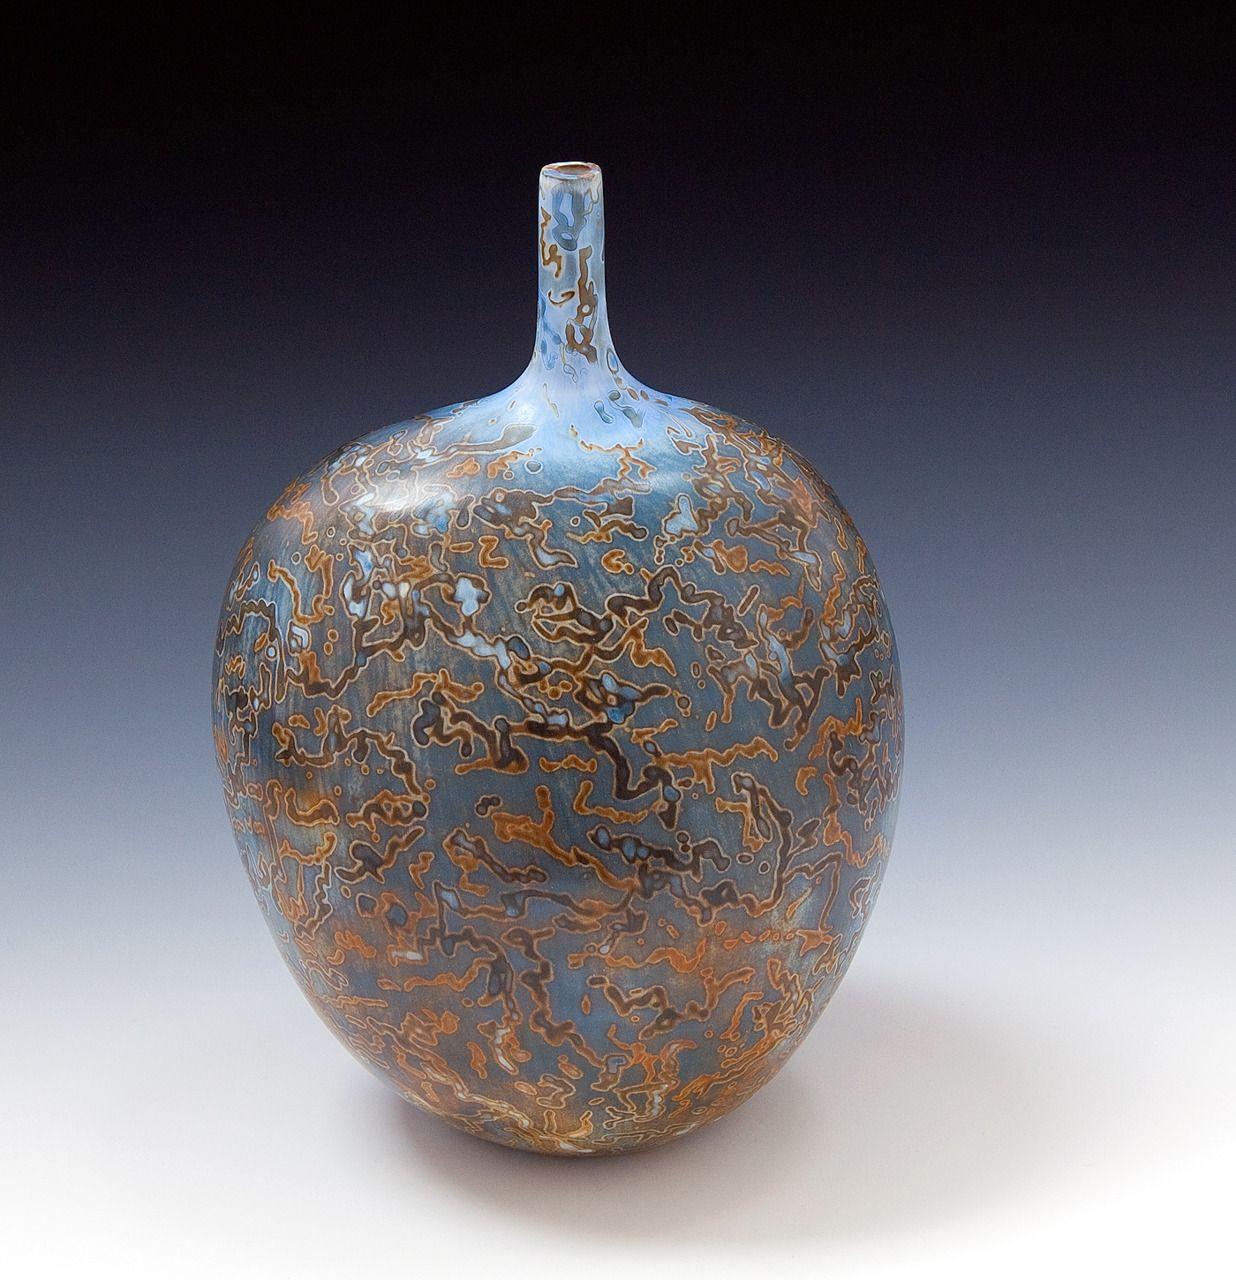 Liza riddle ceramics ceramics now contemporary ceramics pottery reviewsmspy